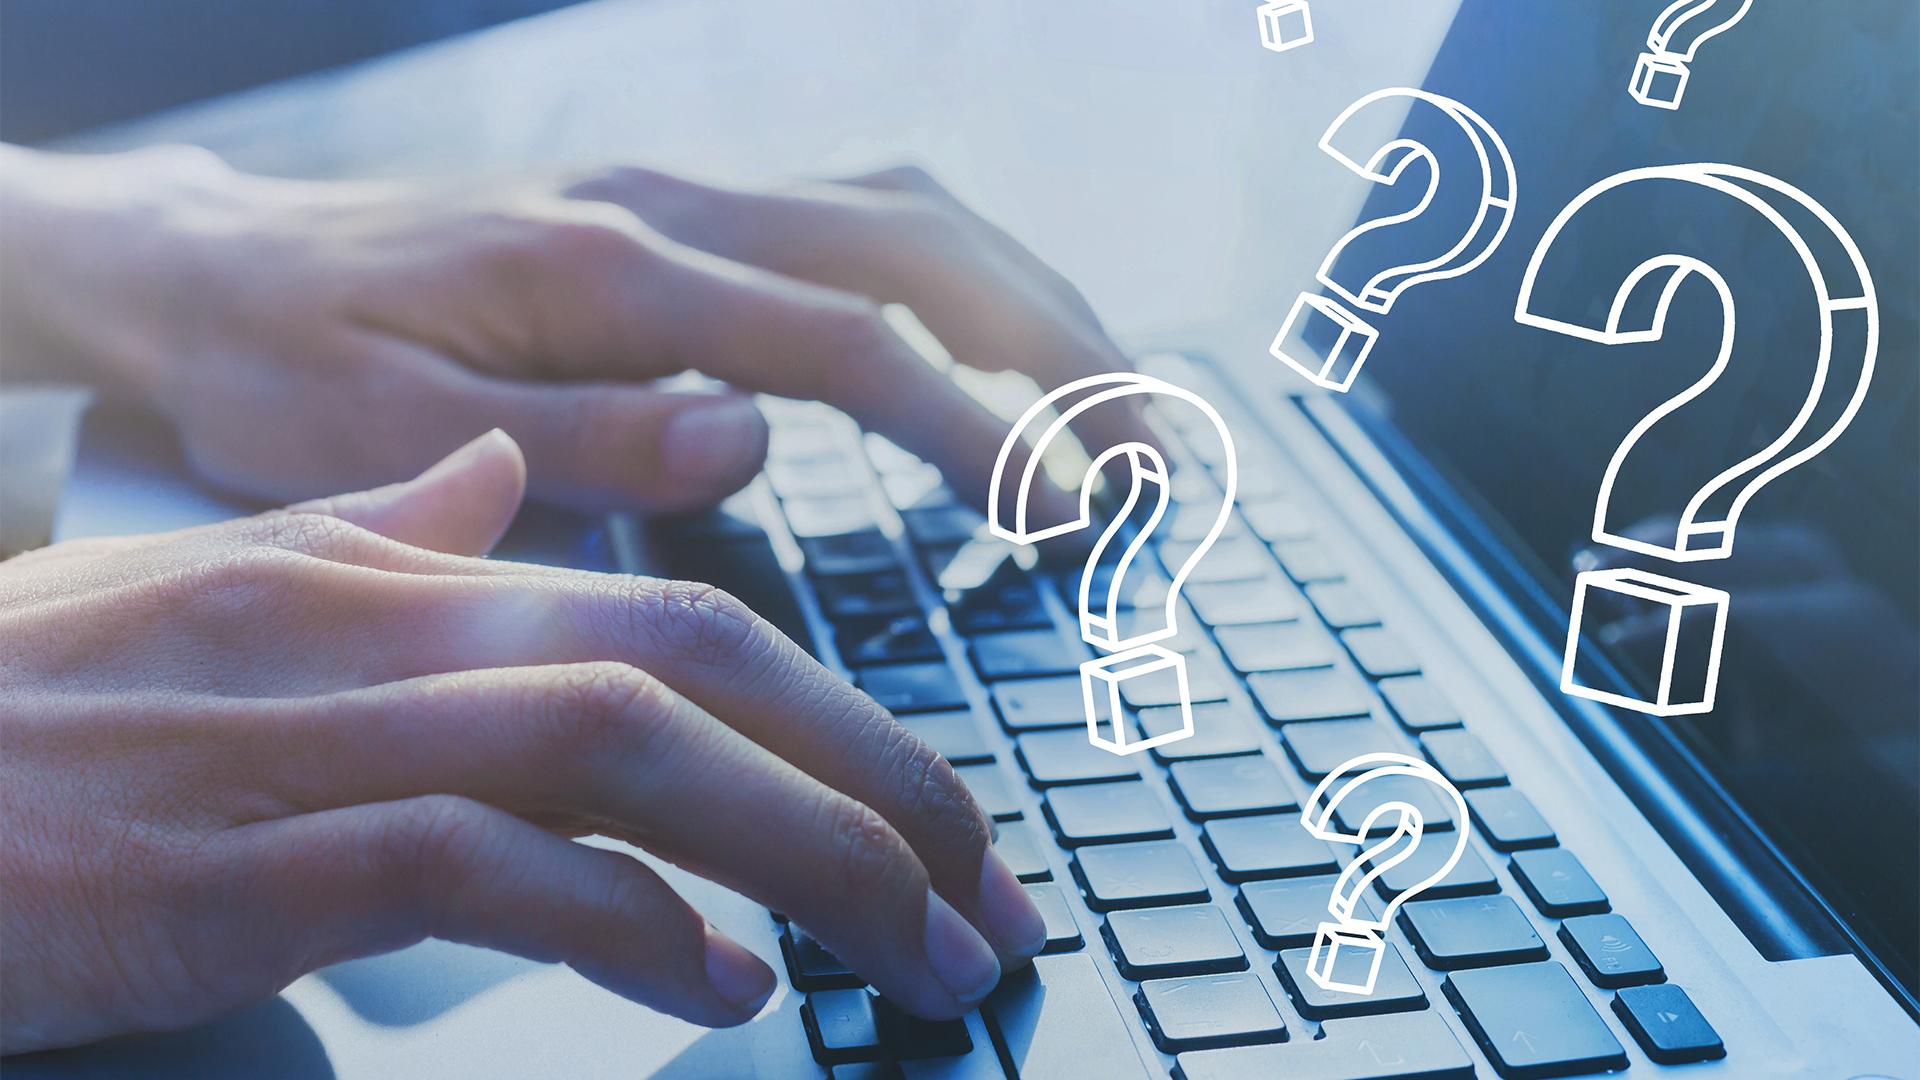 uskomukset ohjaavat sitä, mihin otsikoihin verkossa tartutaan